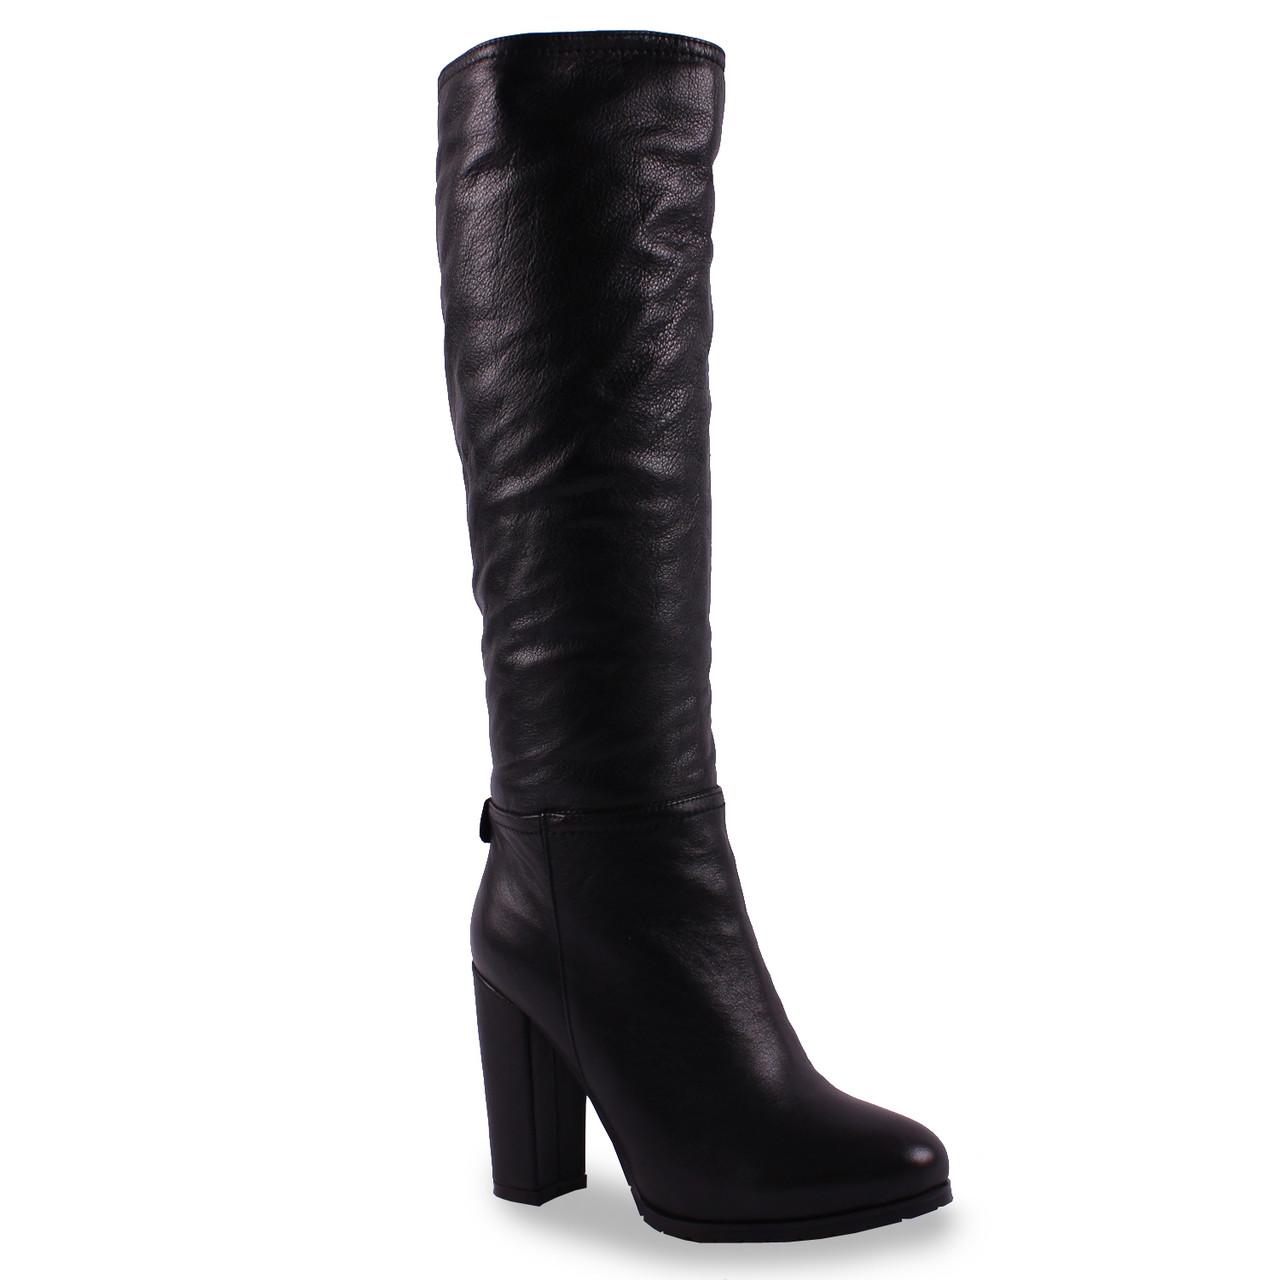 Стильные женские сапоги Lilimars (натуральная кожа, на каблуке, на замке, стильные, удобные, черные)